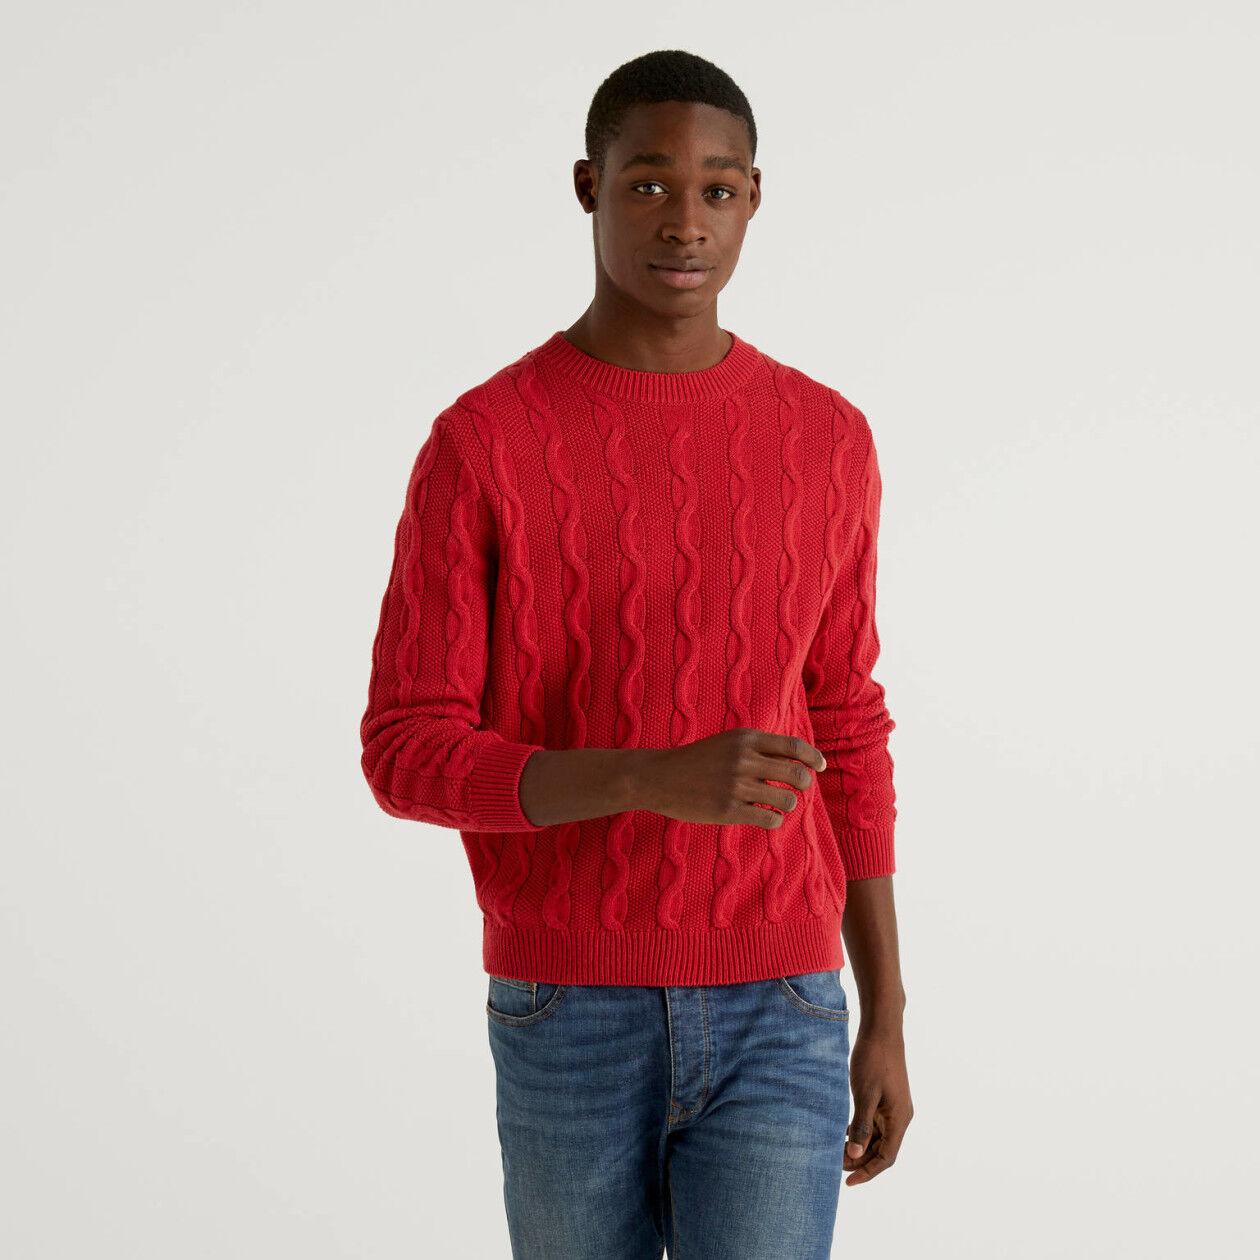 Camisola de gola redonda com tranças